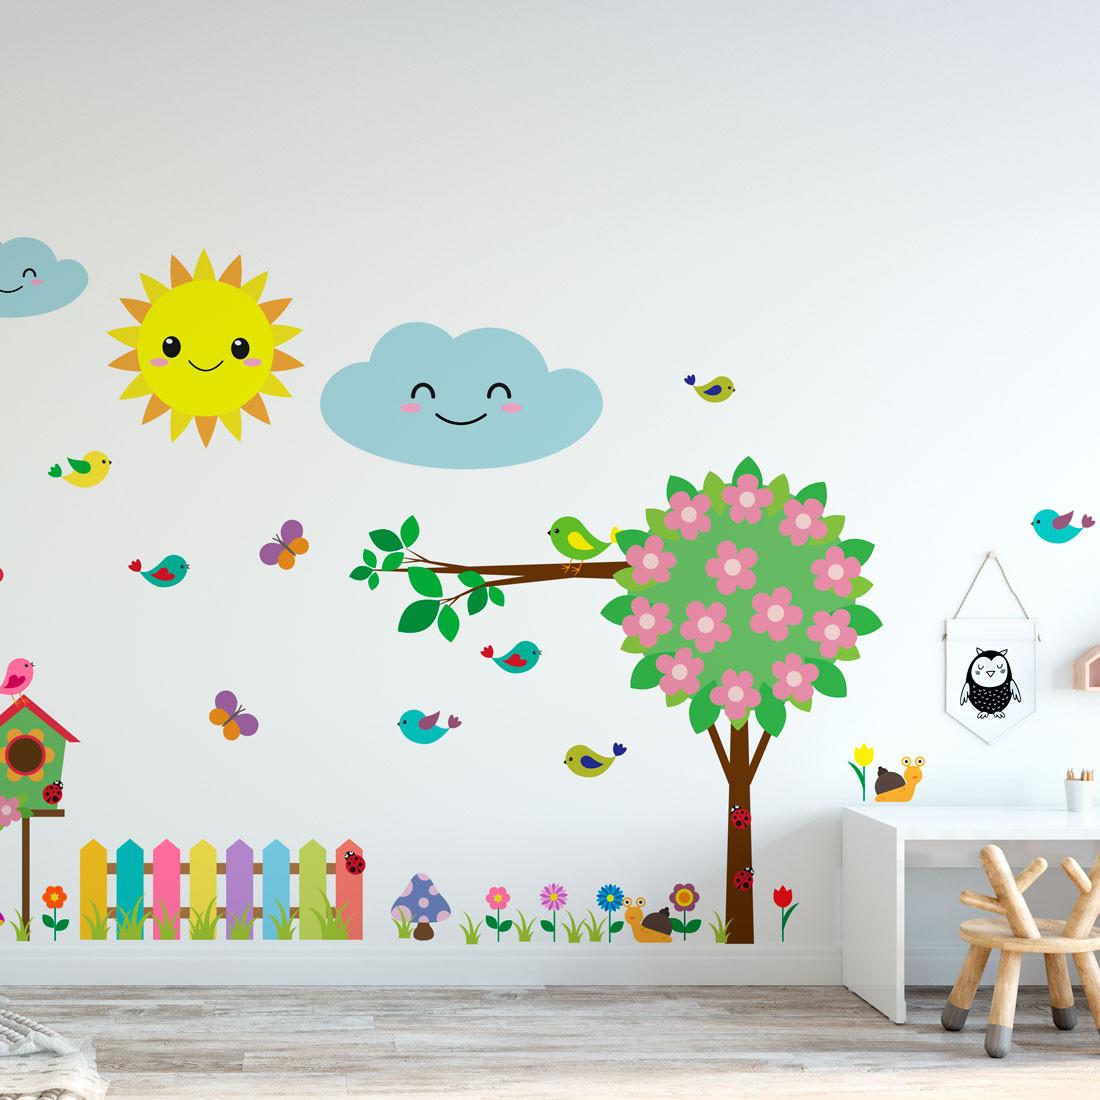 Adesivo de Parede Infantil Jardim